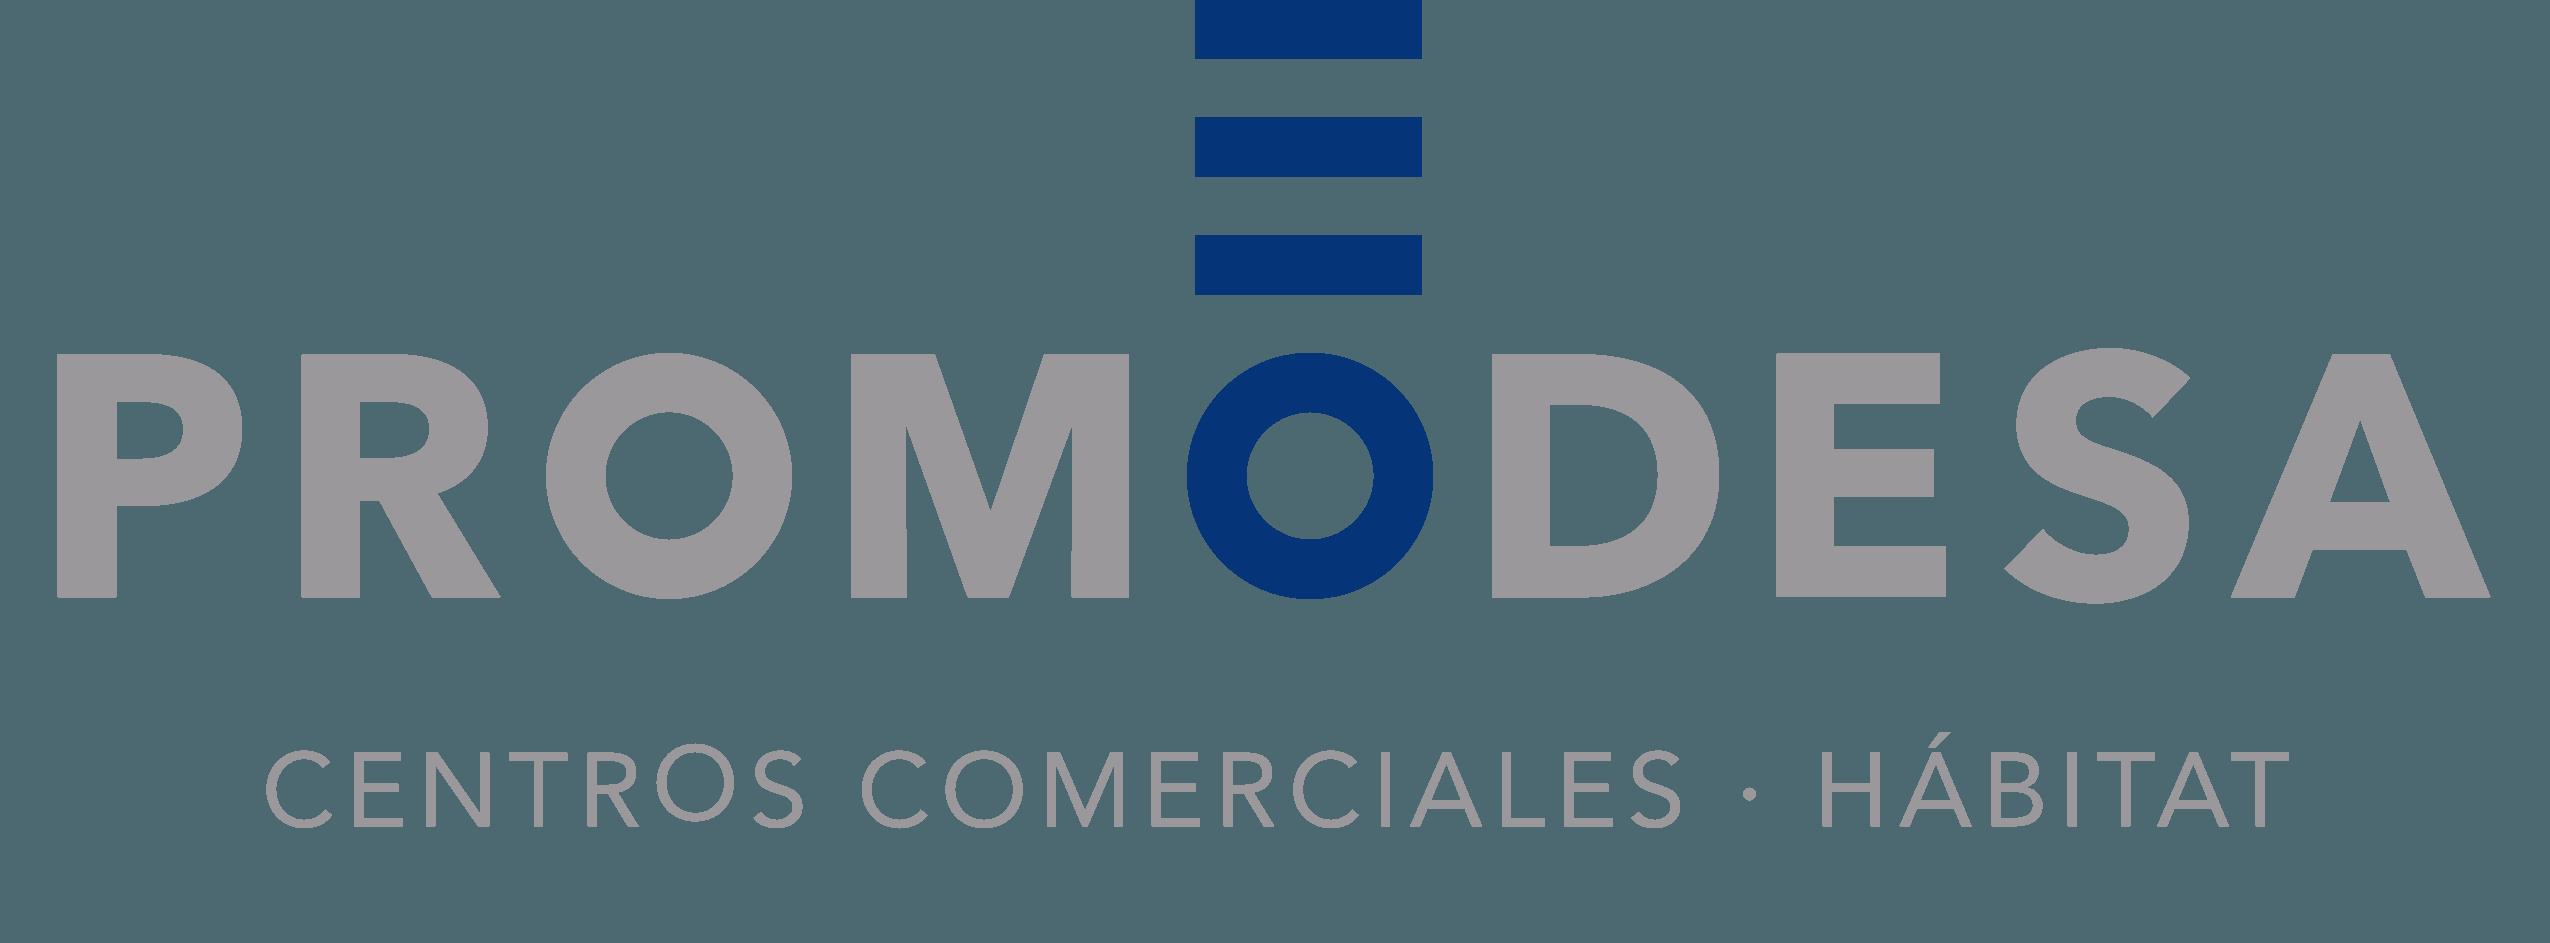 Logo de  Promodesainmobiliaria